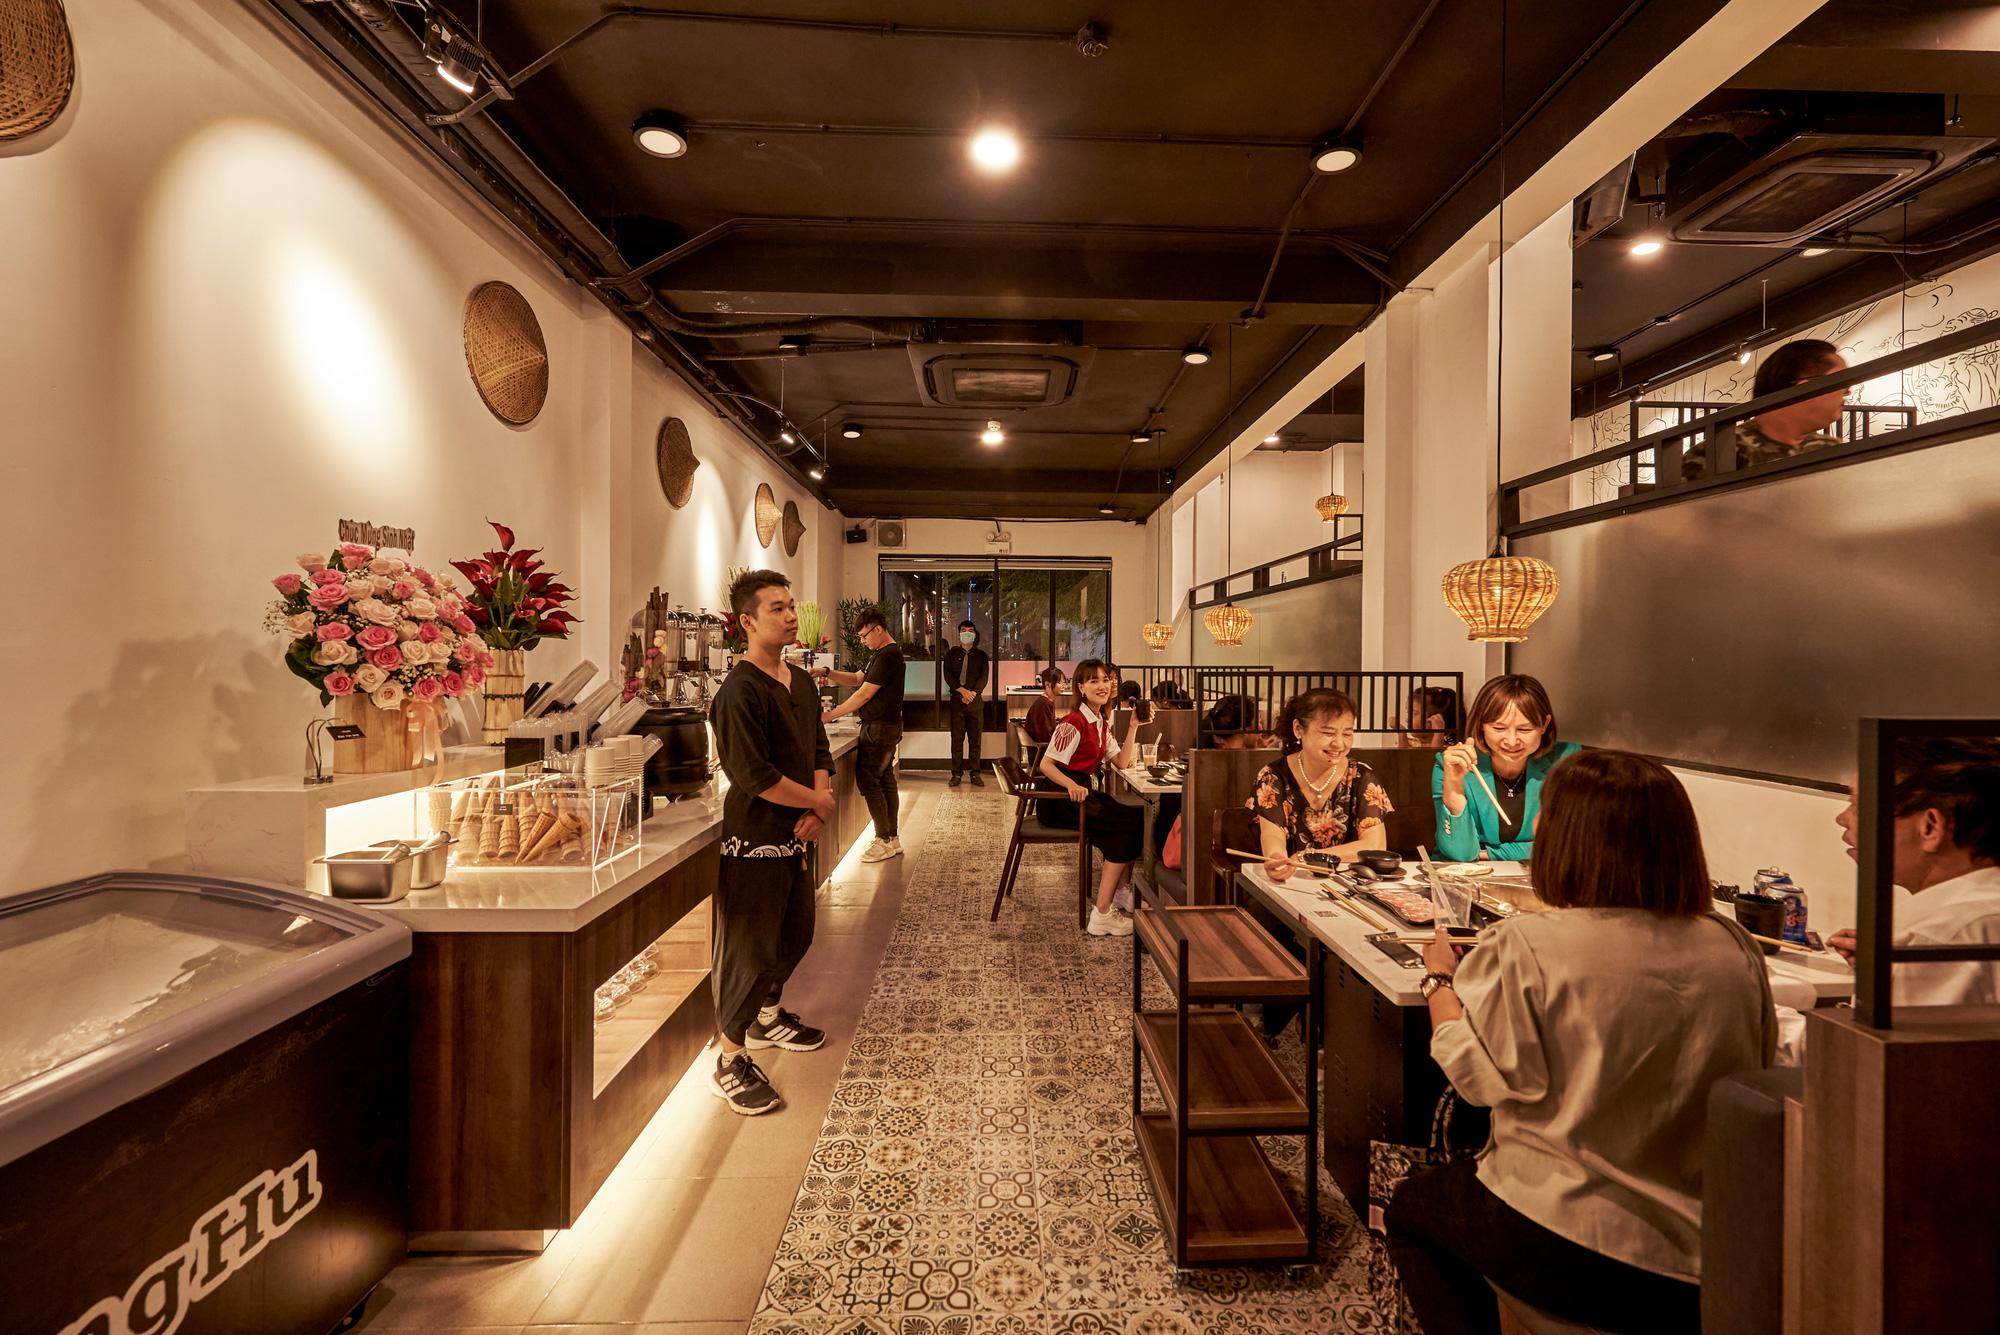 """Hé lộ không gian cổ trang """"hội ngộ kỳ tài"""" và thưởng thức """"buffet lẩu ếch"""" Jiang Hu mới lạ tại Sài thành - Ảnh 3."""